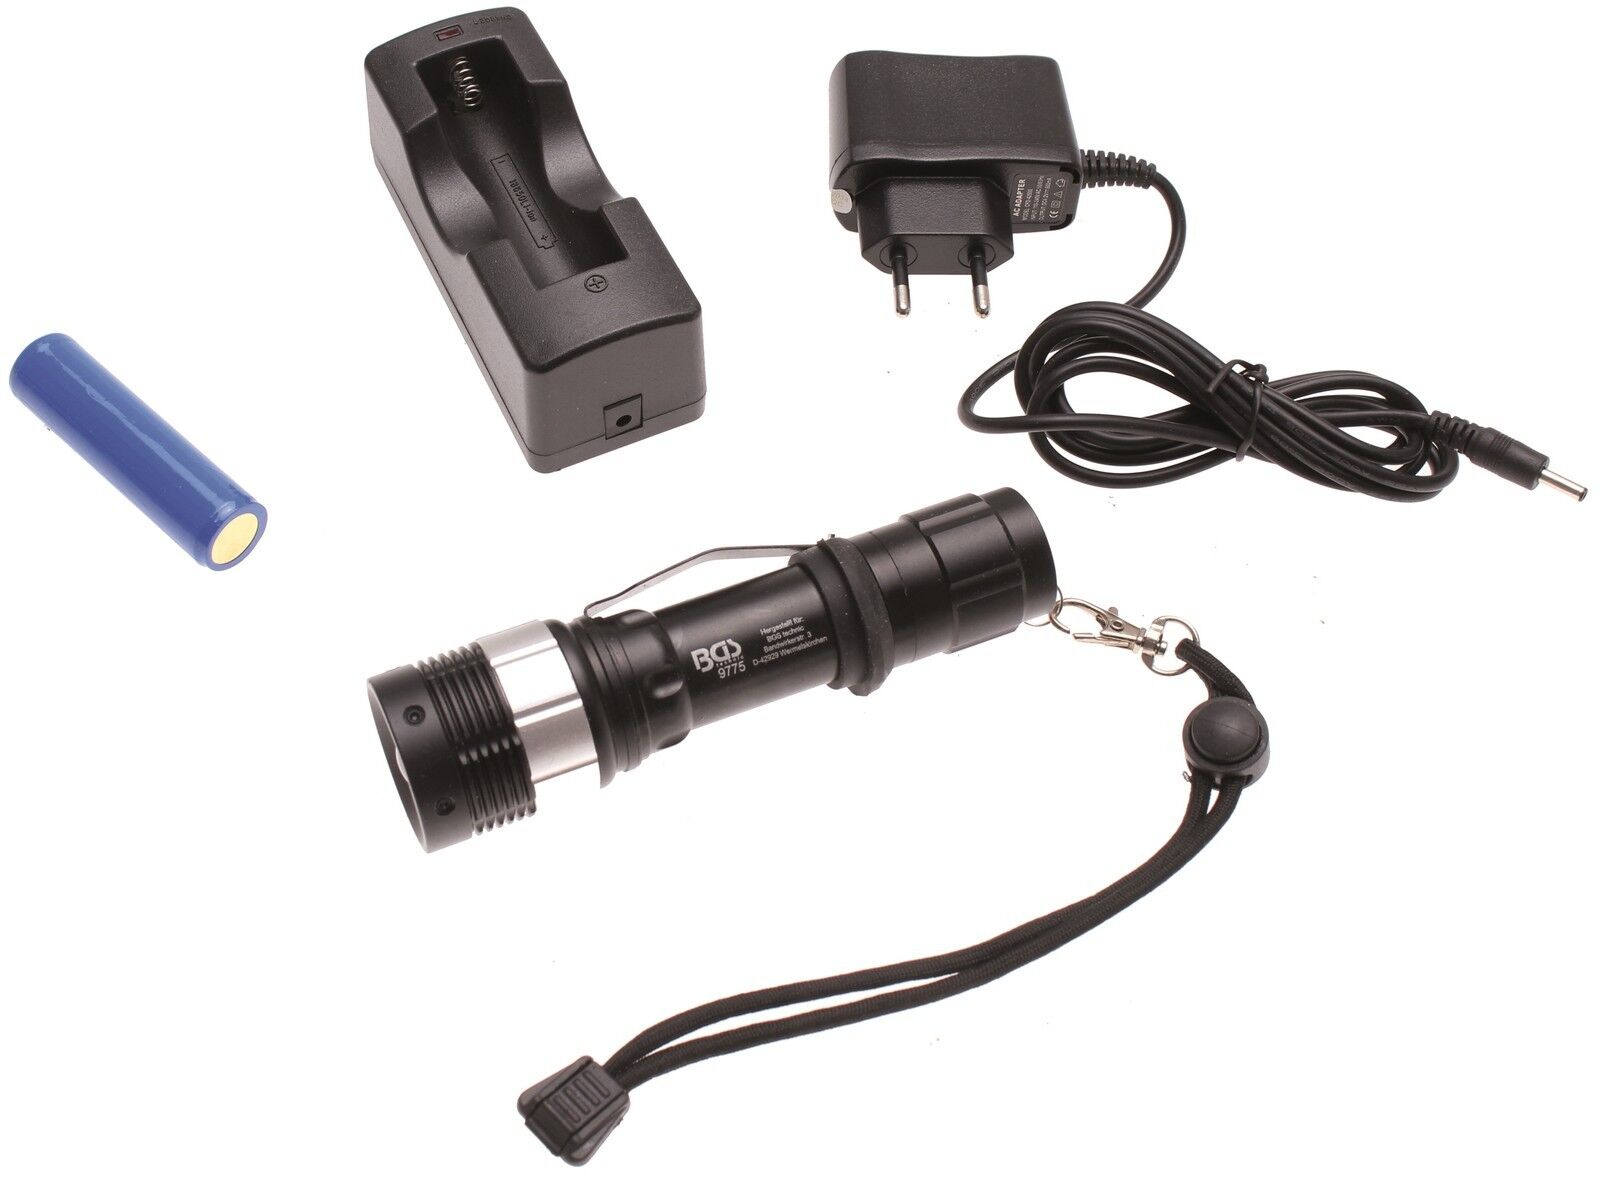 BGS   Highpower-LED Multfunktions AKKU Taschenlampe Lampe 160 Lumen Leuchte IP63  | Neue Produkte im Jahr 2019